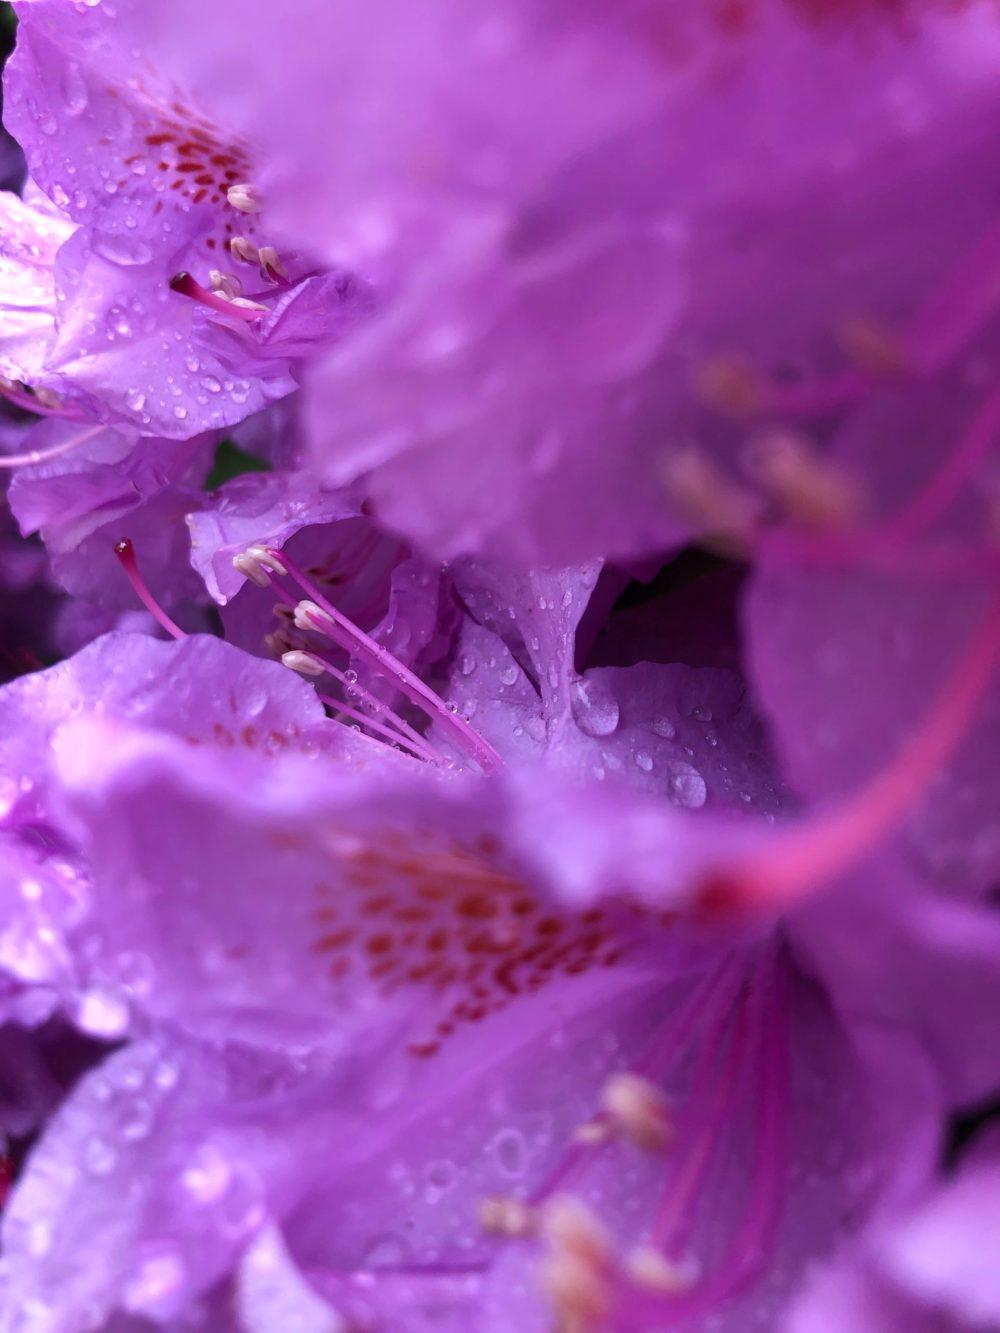 Nahaufnahme der rosafarbenen Blütenblätter mit Tropfen in der Welt der Wassertropfen